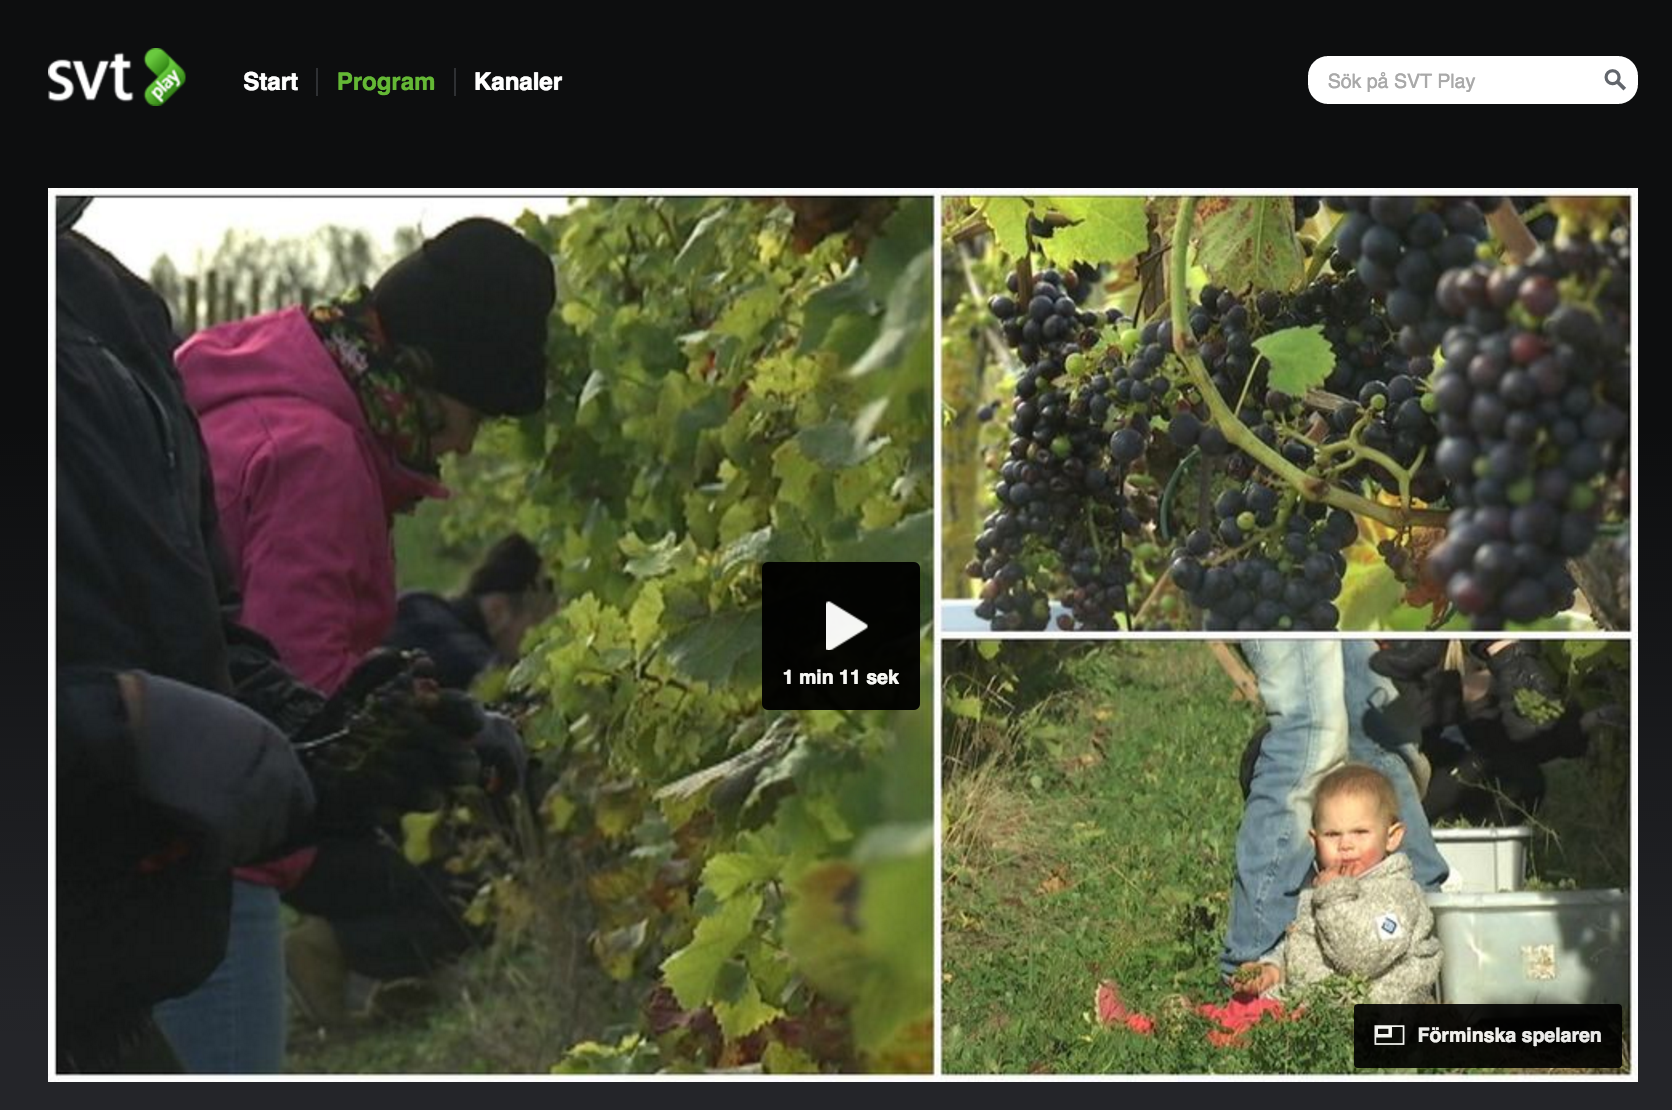 Se vår praktikant från F rankrike Auriel som berättar för SVT hur konstigt fransmännen tycker det är med vin i Sverige.